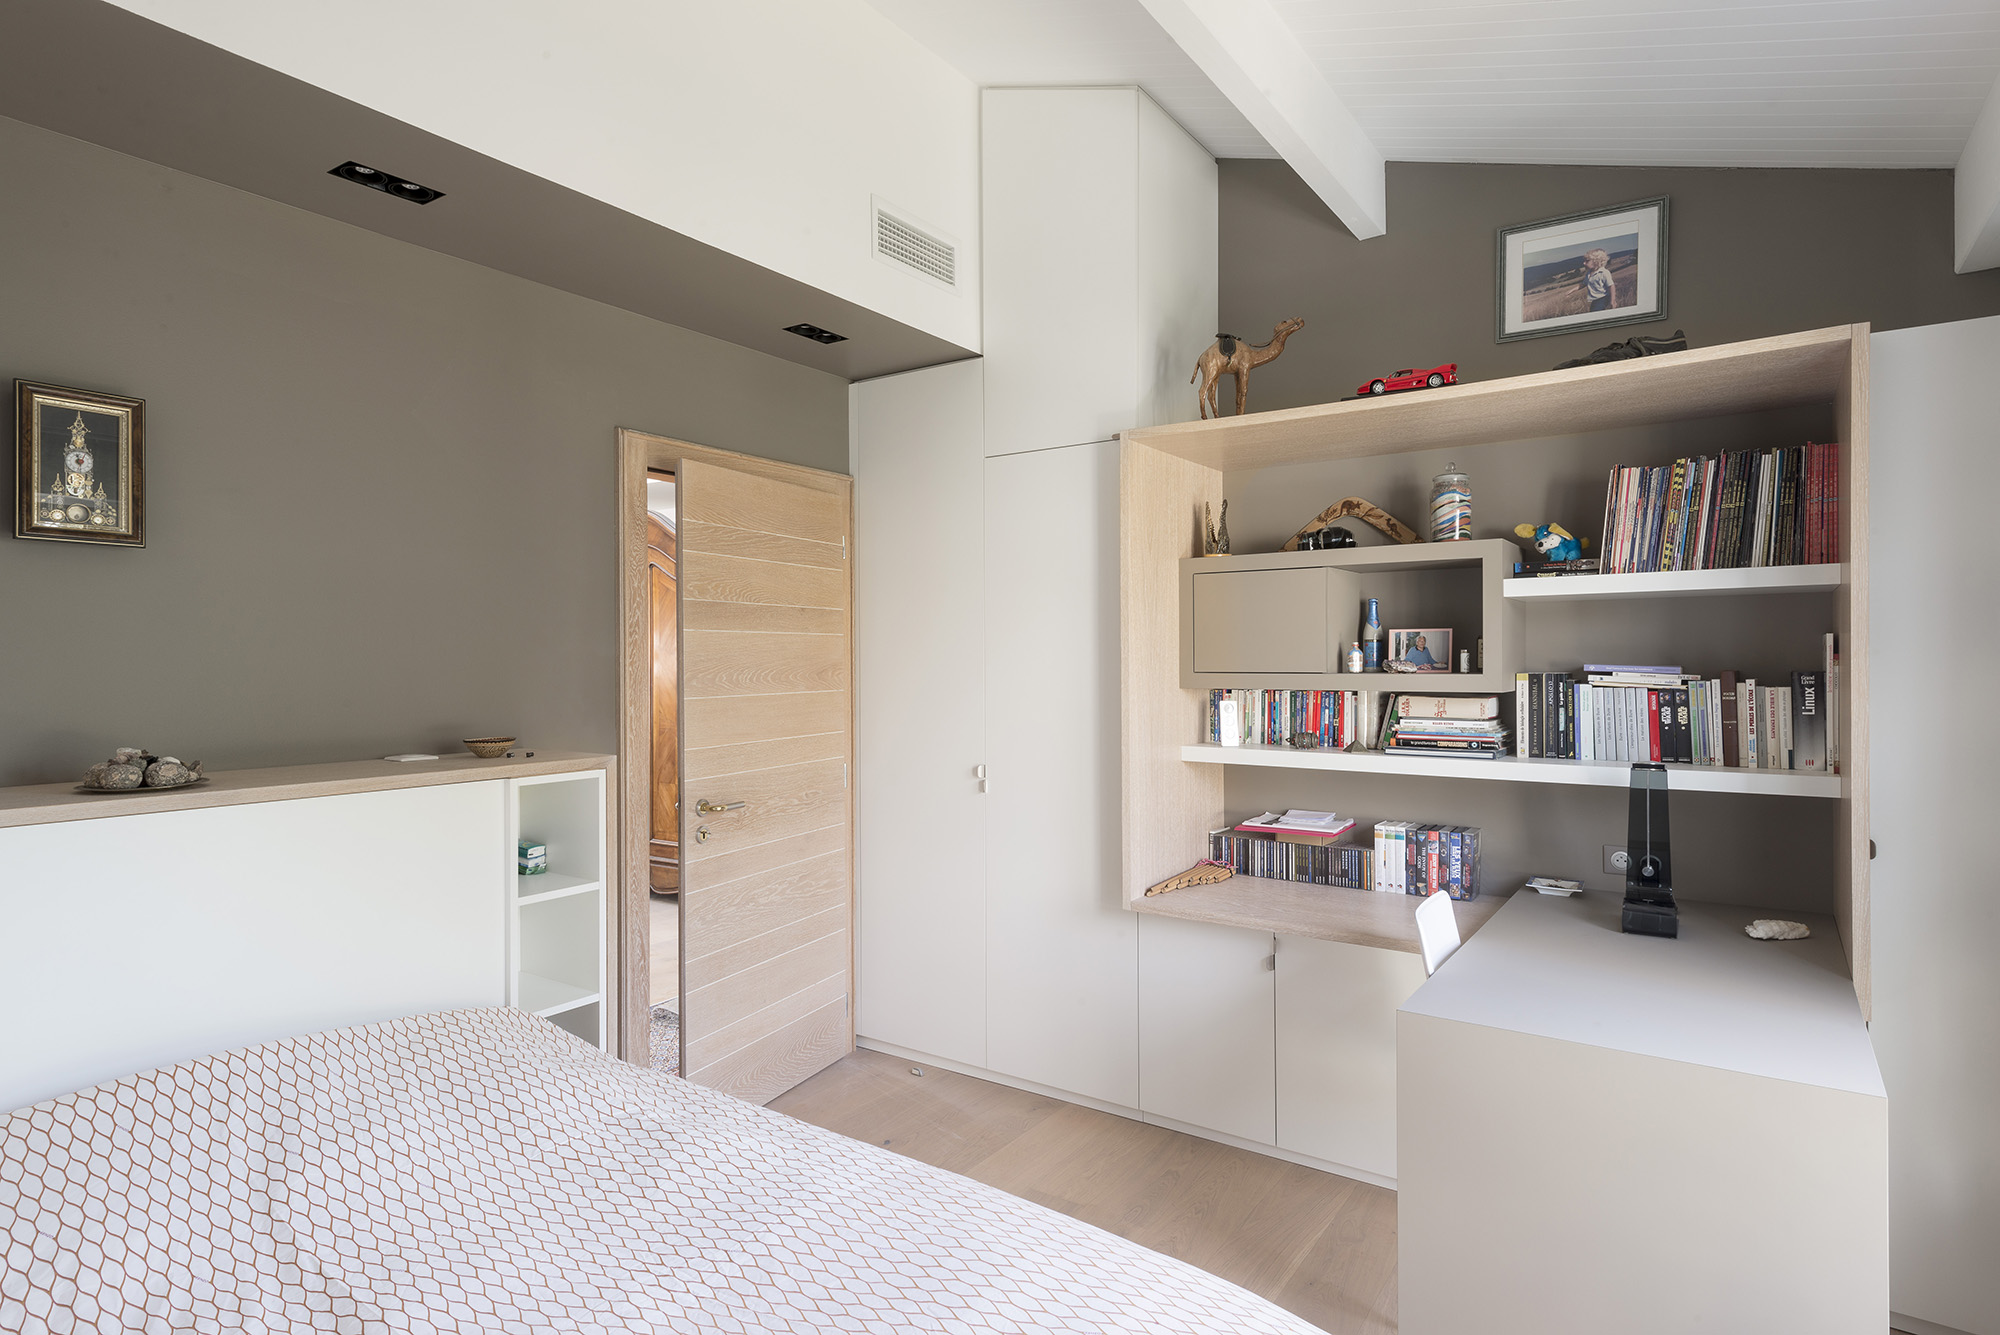 architecte interieur strasbourg free belle agencement d intrieur quai la dcoration dintrieur. Black Bedroom Furniture Sets. Home Design Ideas